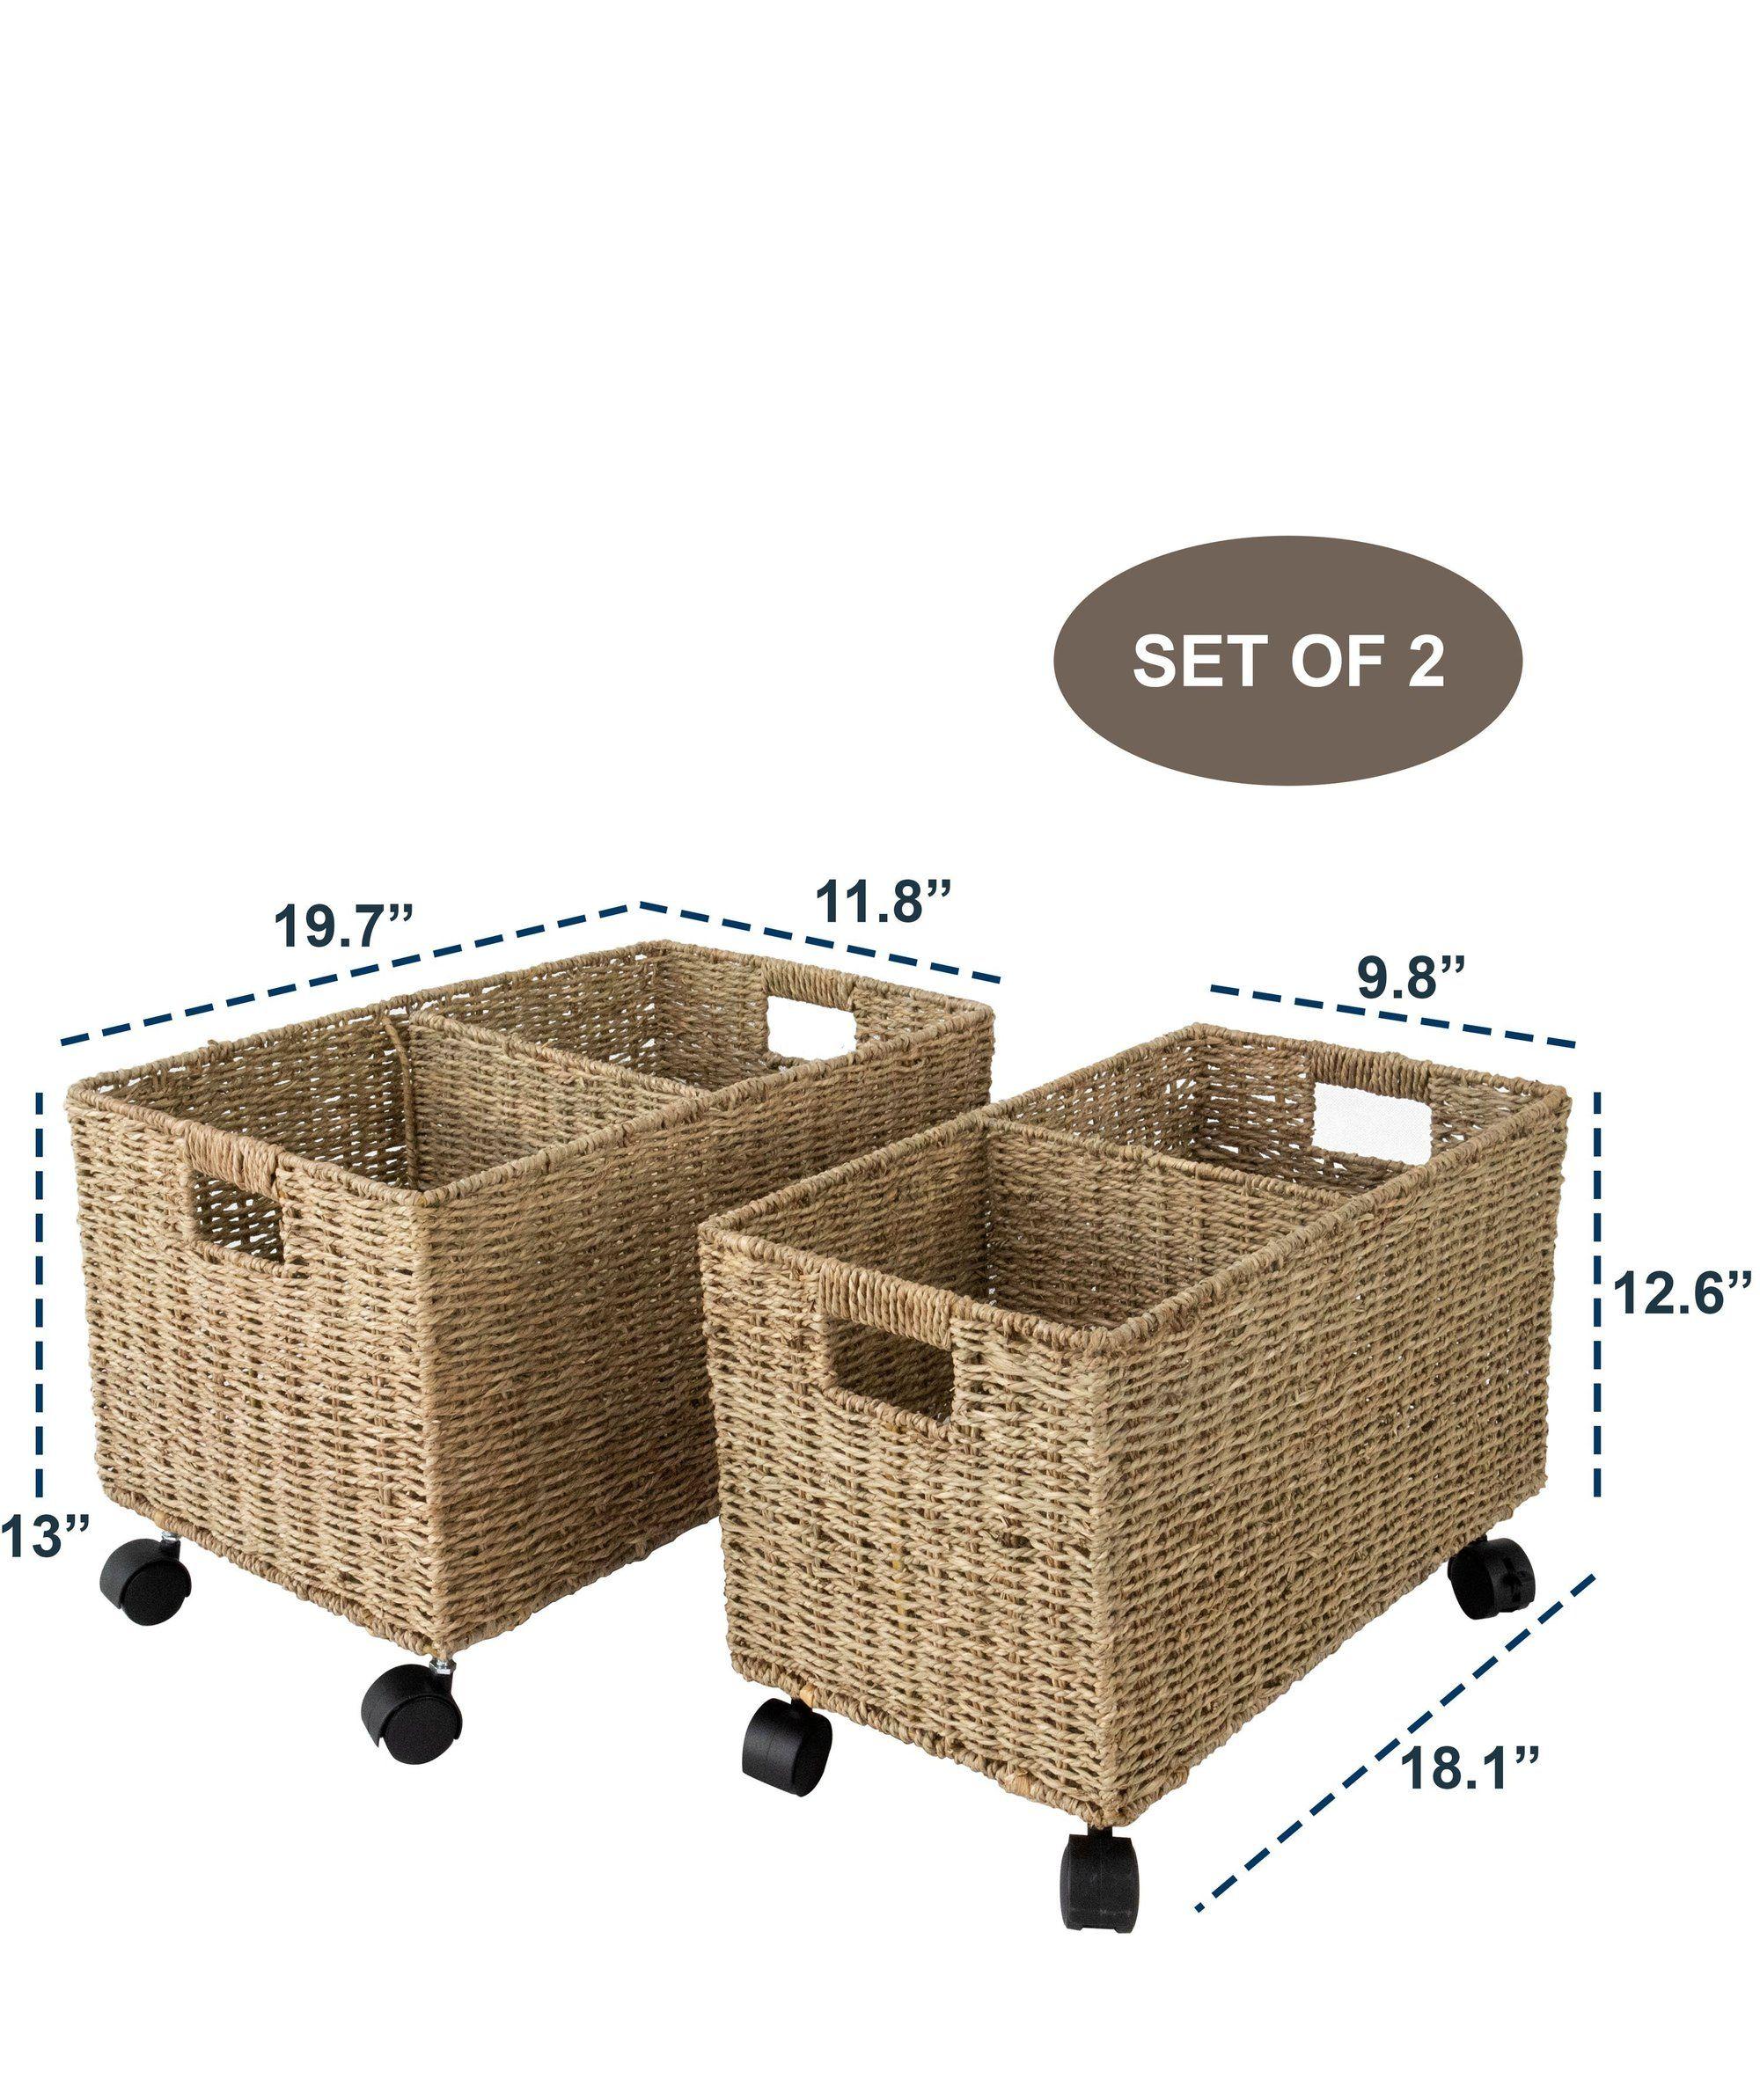 Woven Storage Baskets On Wheels Set 2 Under Counter Under Desk Storage Toy Organizer In 2020 Woven Baskets Storage Storage Baskets Under Bed Storage